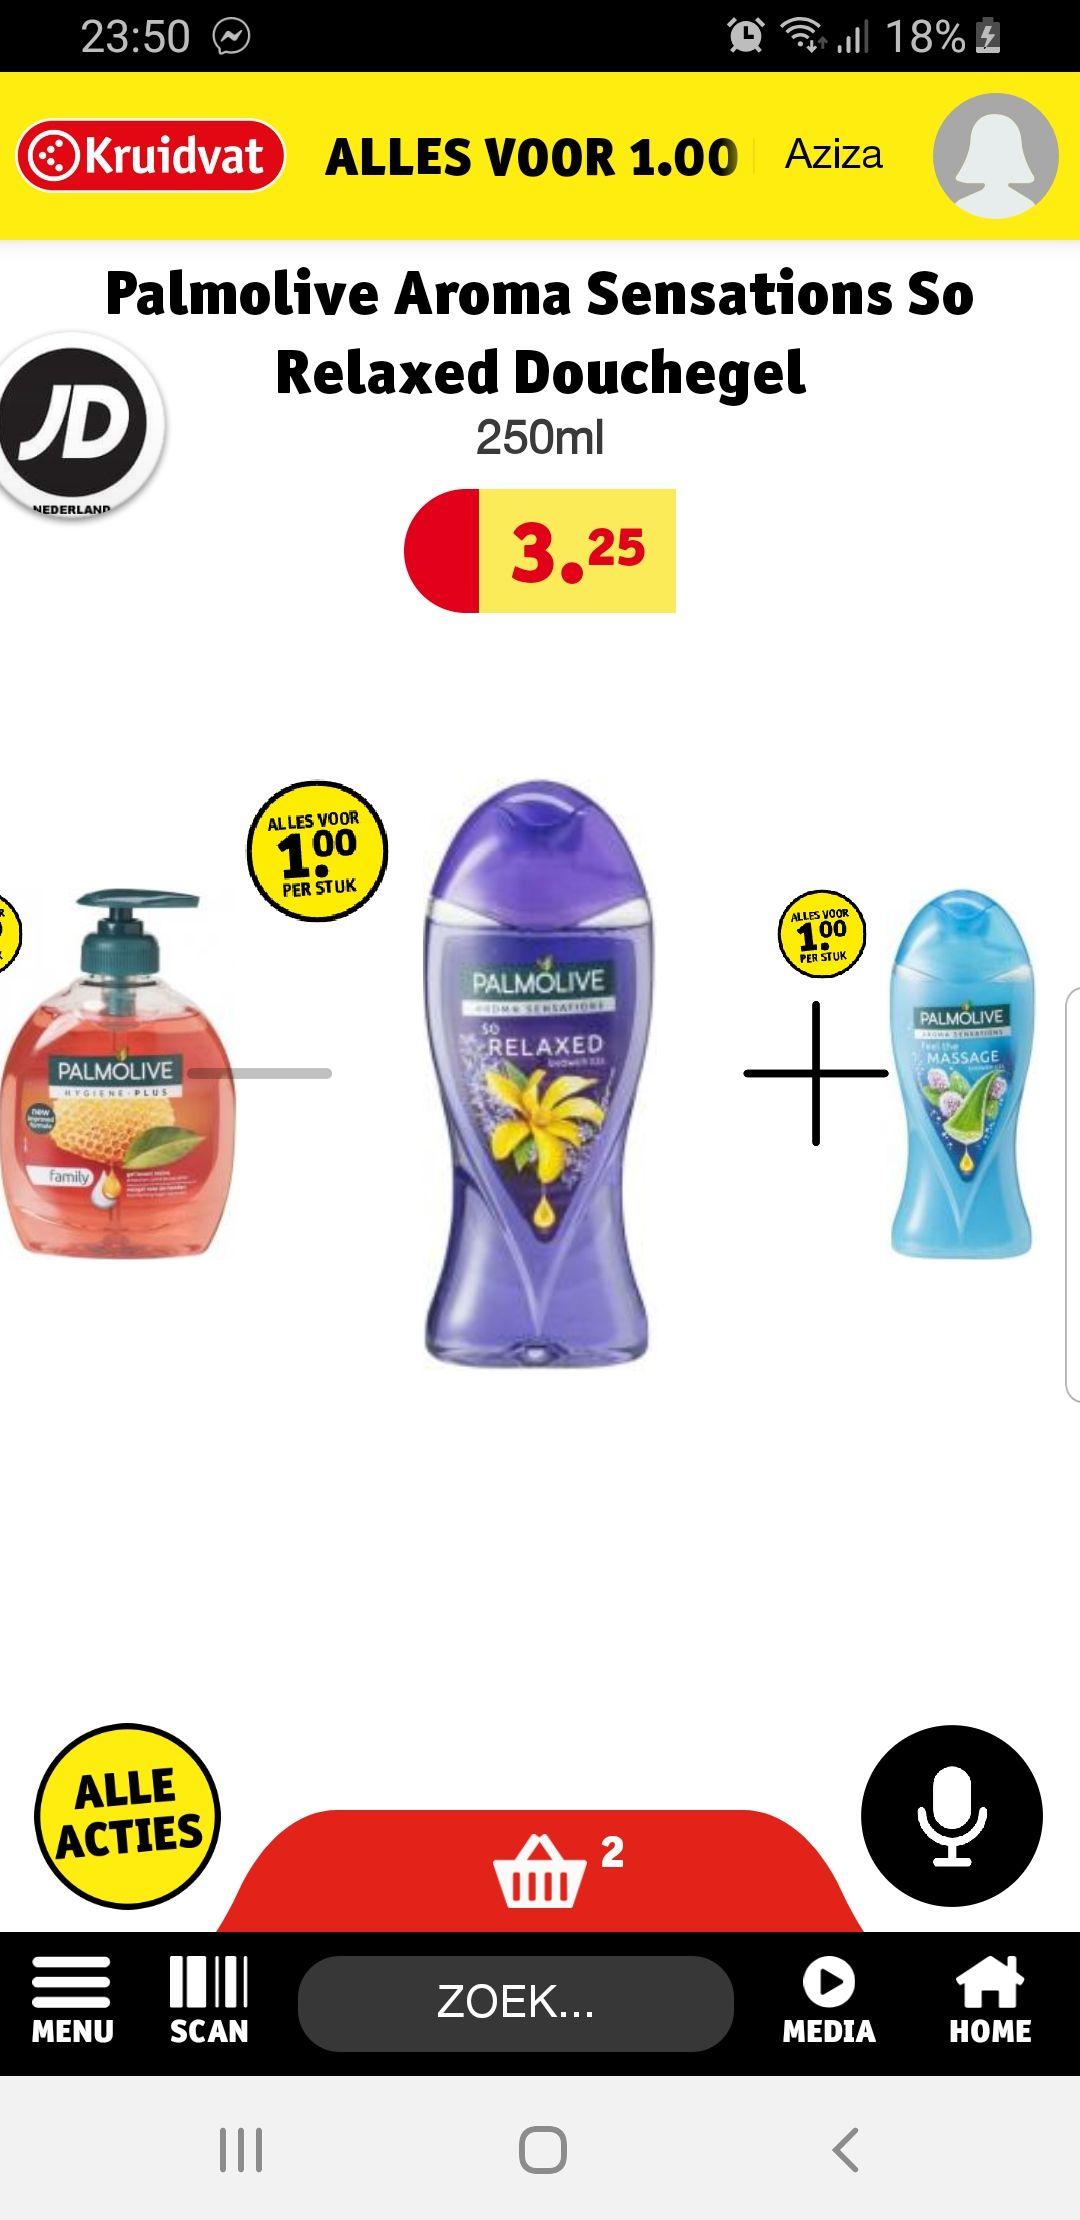 Palmolive 1 euro p.s. maar ook de flessen 650 ml